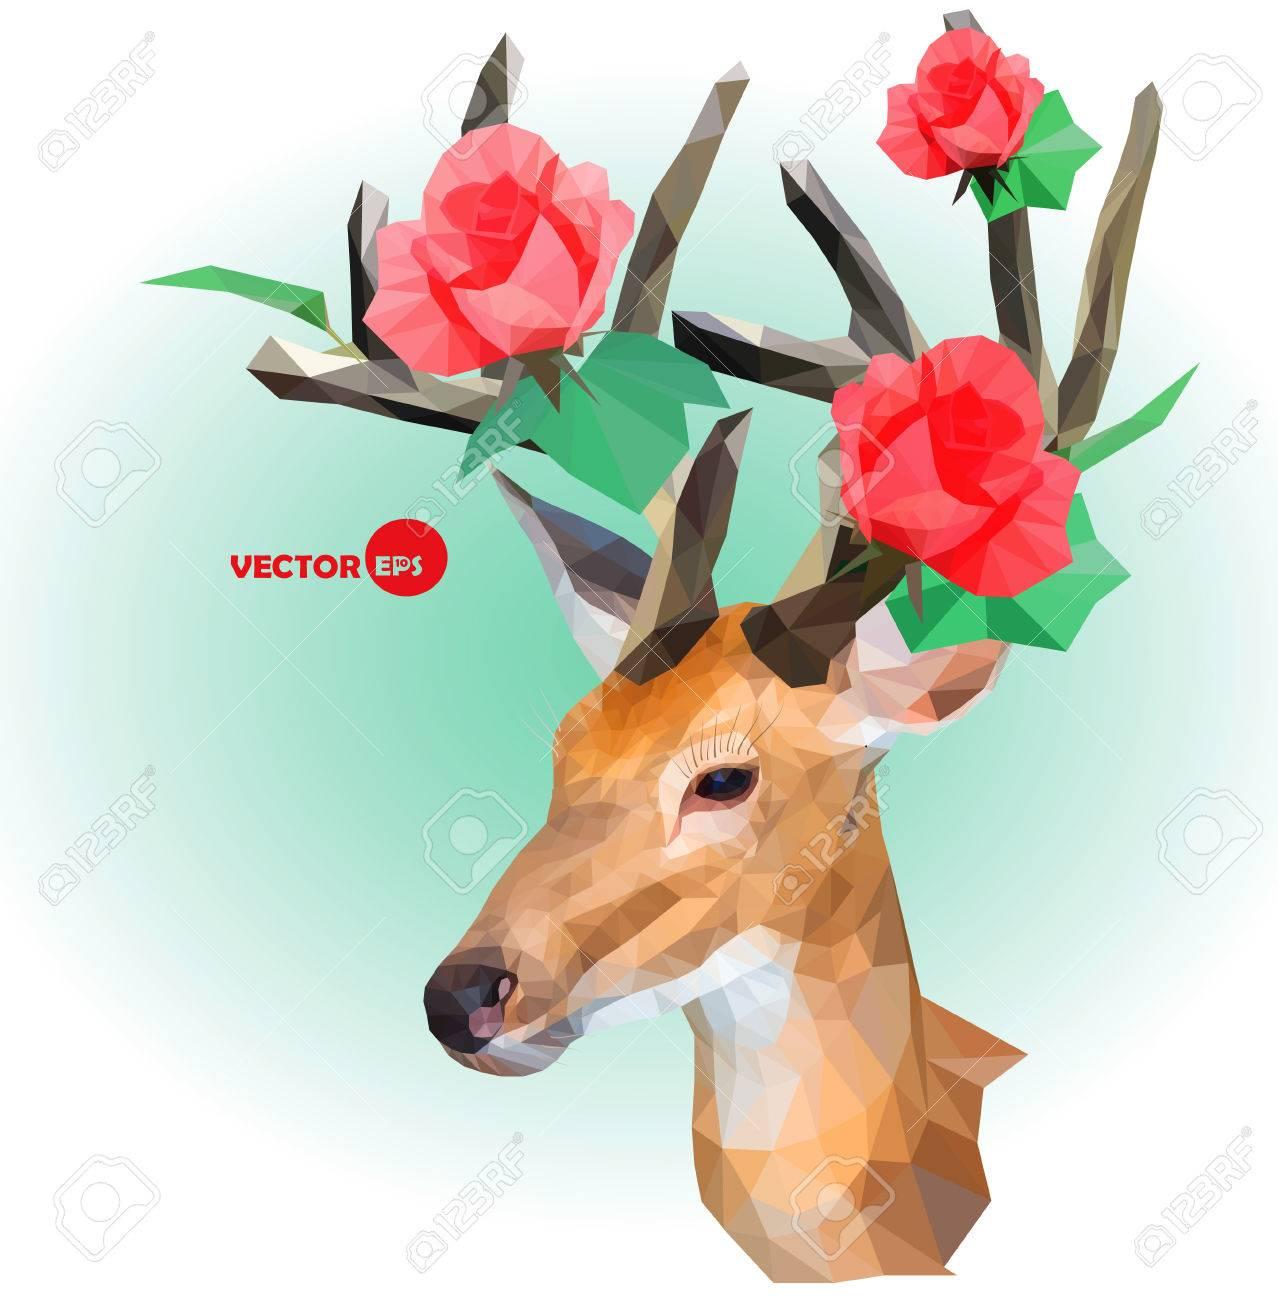 Deer Silhouette Mit Hornern Von Blumen Auf Dem Grunen Hintergrund